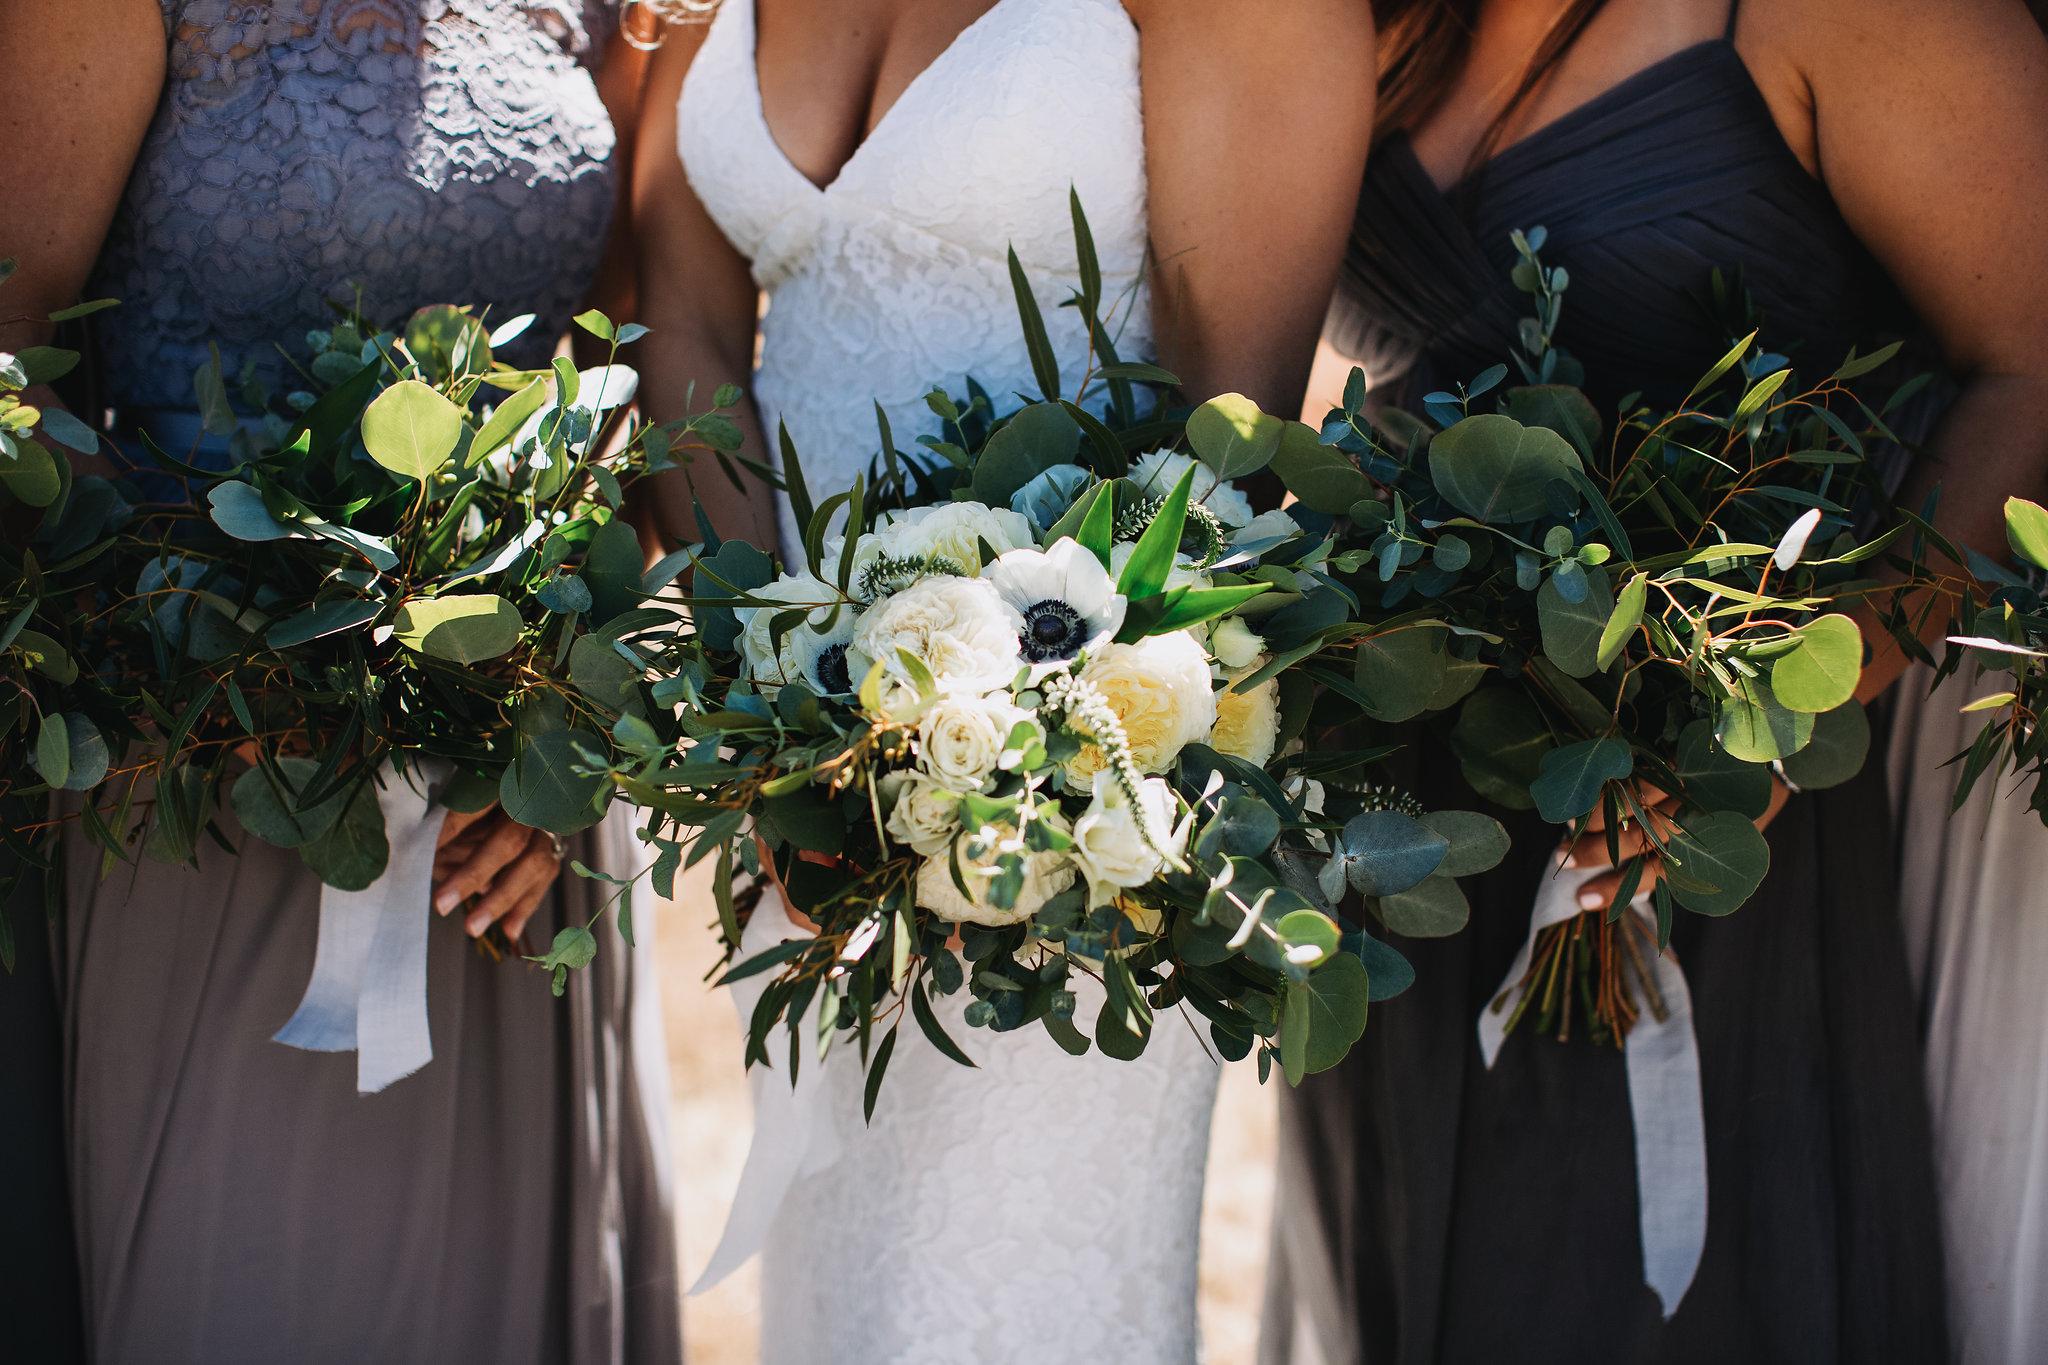 country_side_wedding_marin_petaluma_bodega_bay_tomales_94952_94999_BarnYard_beautiful_Best.jpg